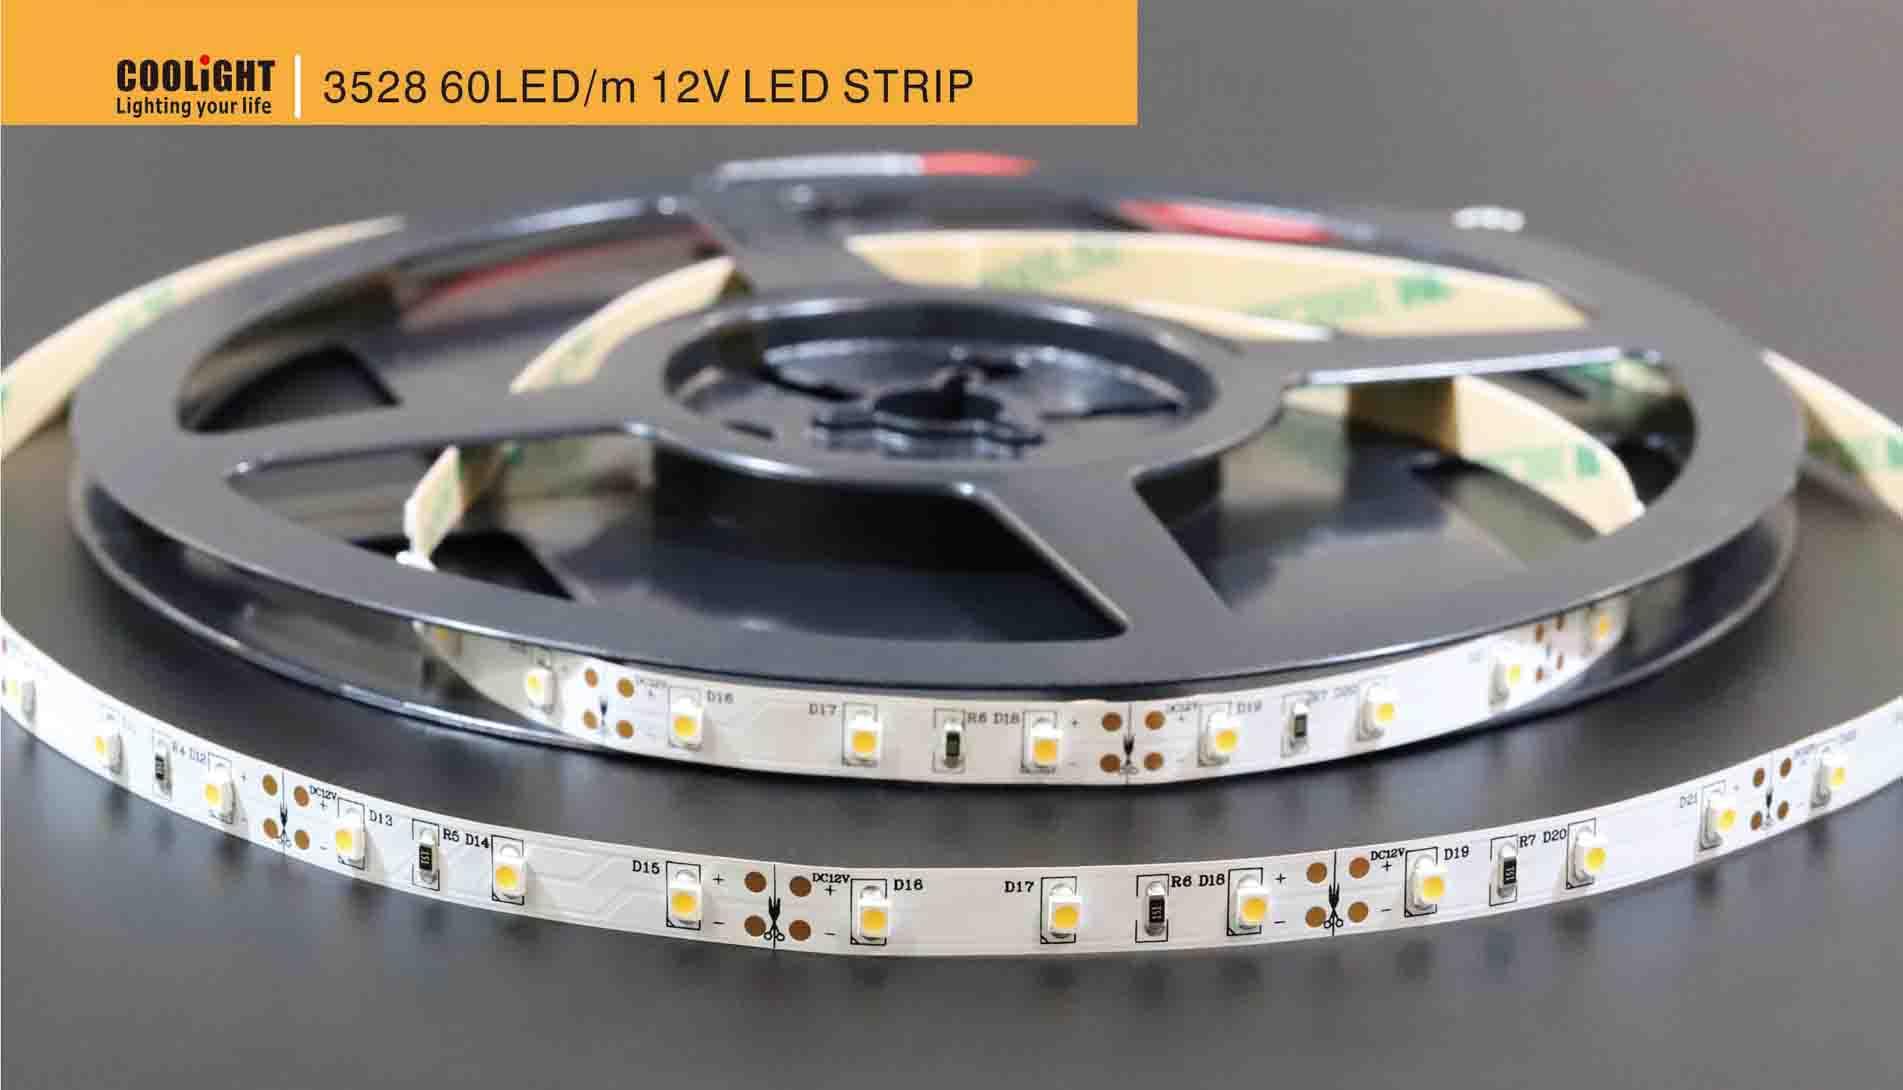 3528 60led/m 12v led strip